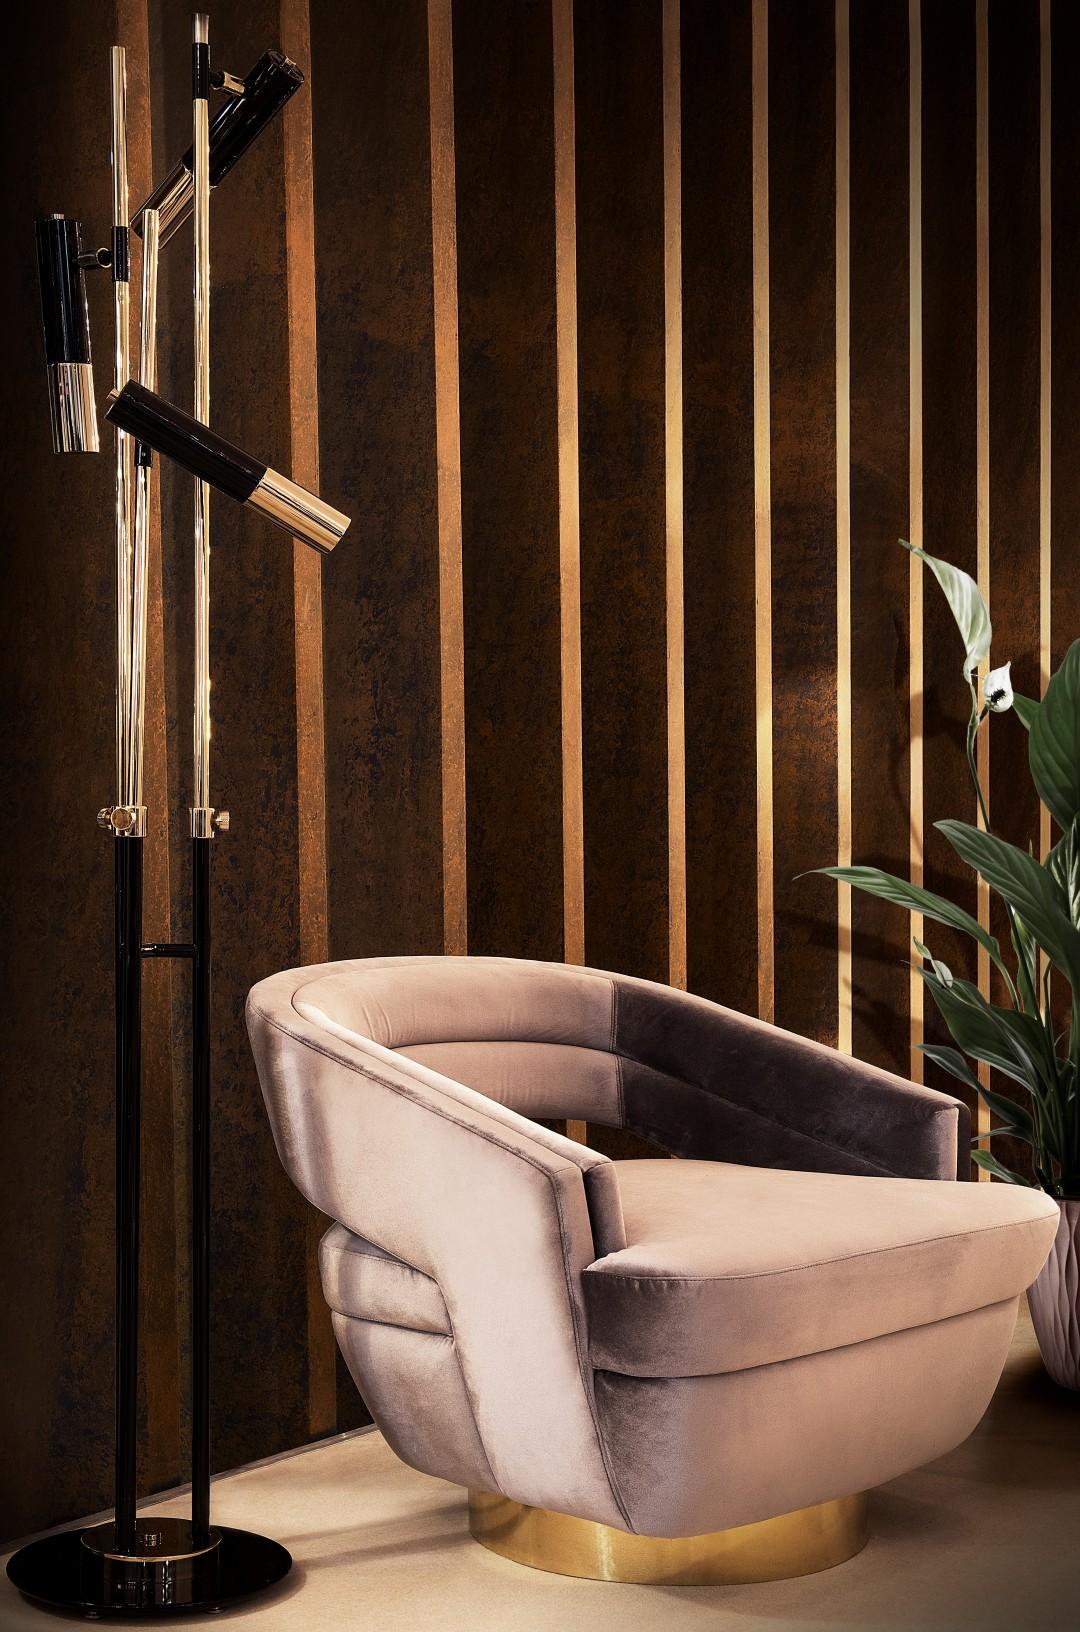 bathroom décor What's Hot On Pinterest Bathroom Décor With Floor Lamps! ike 3 floor ambience 05 HR19b0735bb257d29f772c3104d08e90e0